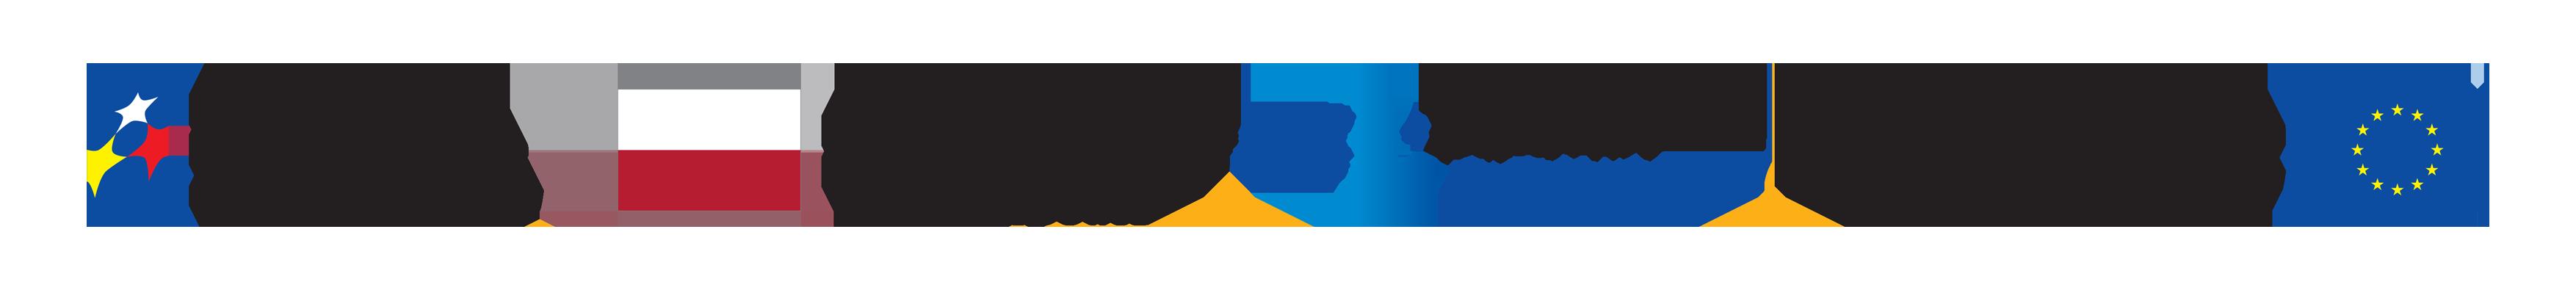 """Grafika przedstawia logotyp """"Fundusze Europejskie"""", """"Flaga Rzeczypospolitej Polskiej"""", """"Lubelskie Smakuj życie"""" oraz """"Unia Europejska Europejski Fundusz Społeczny"""""""